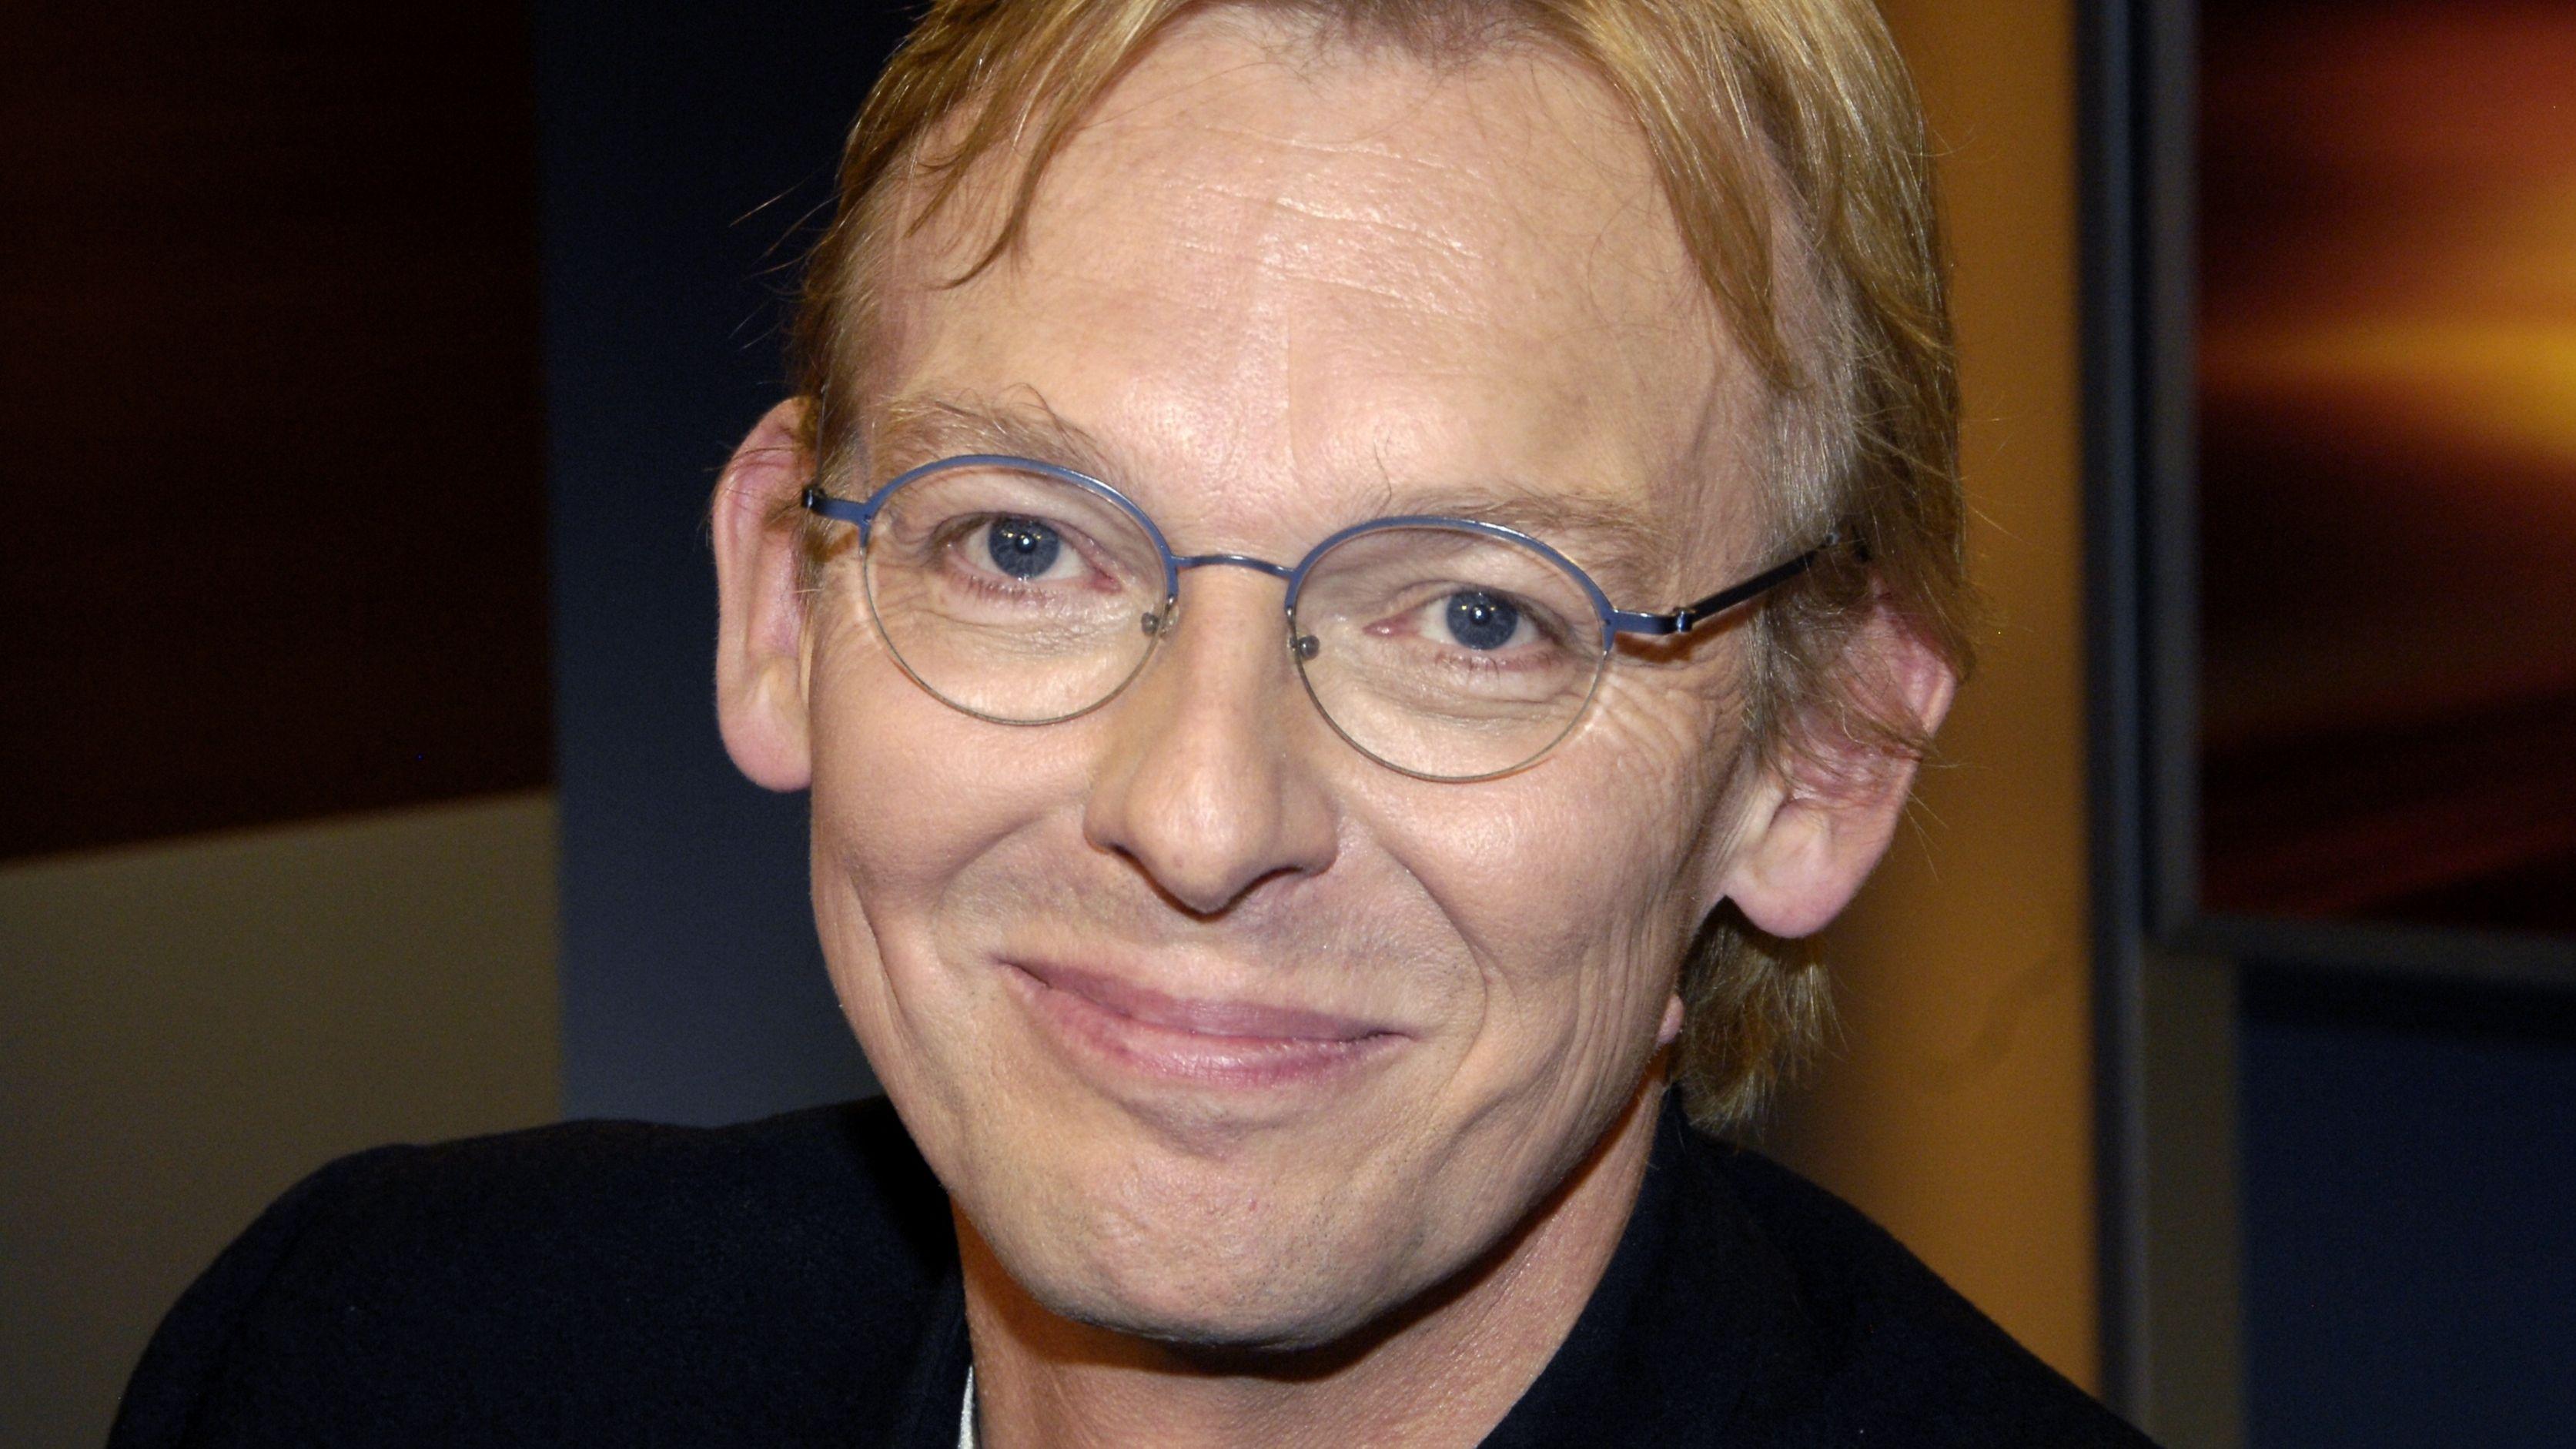 Der in St. Gallen lehrende Philosoph Dieter Thomä